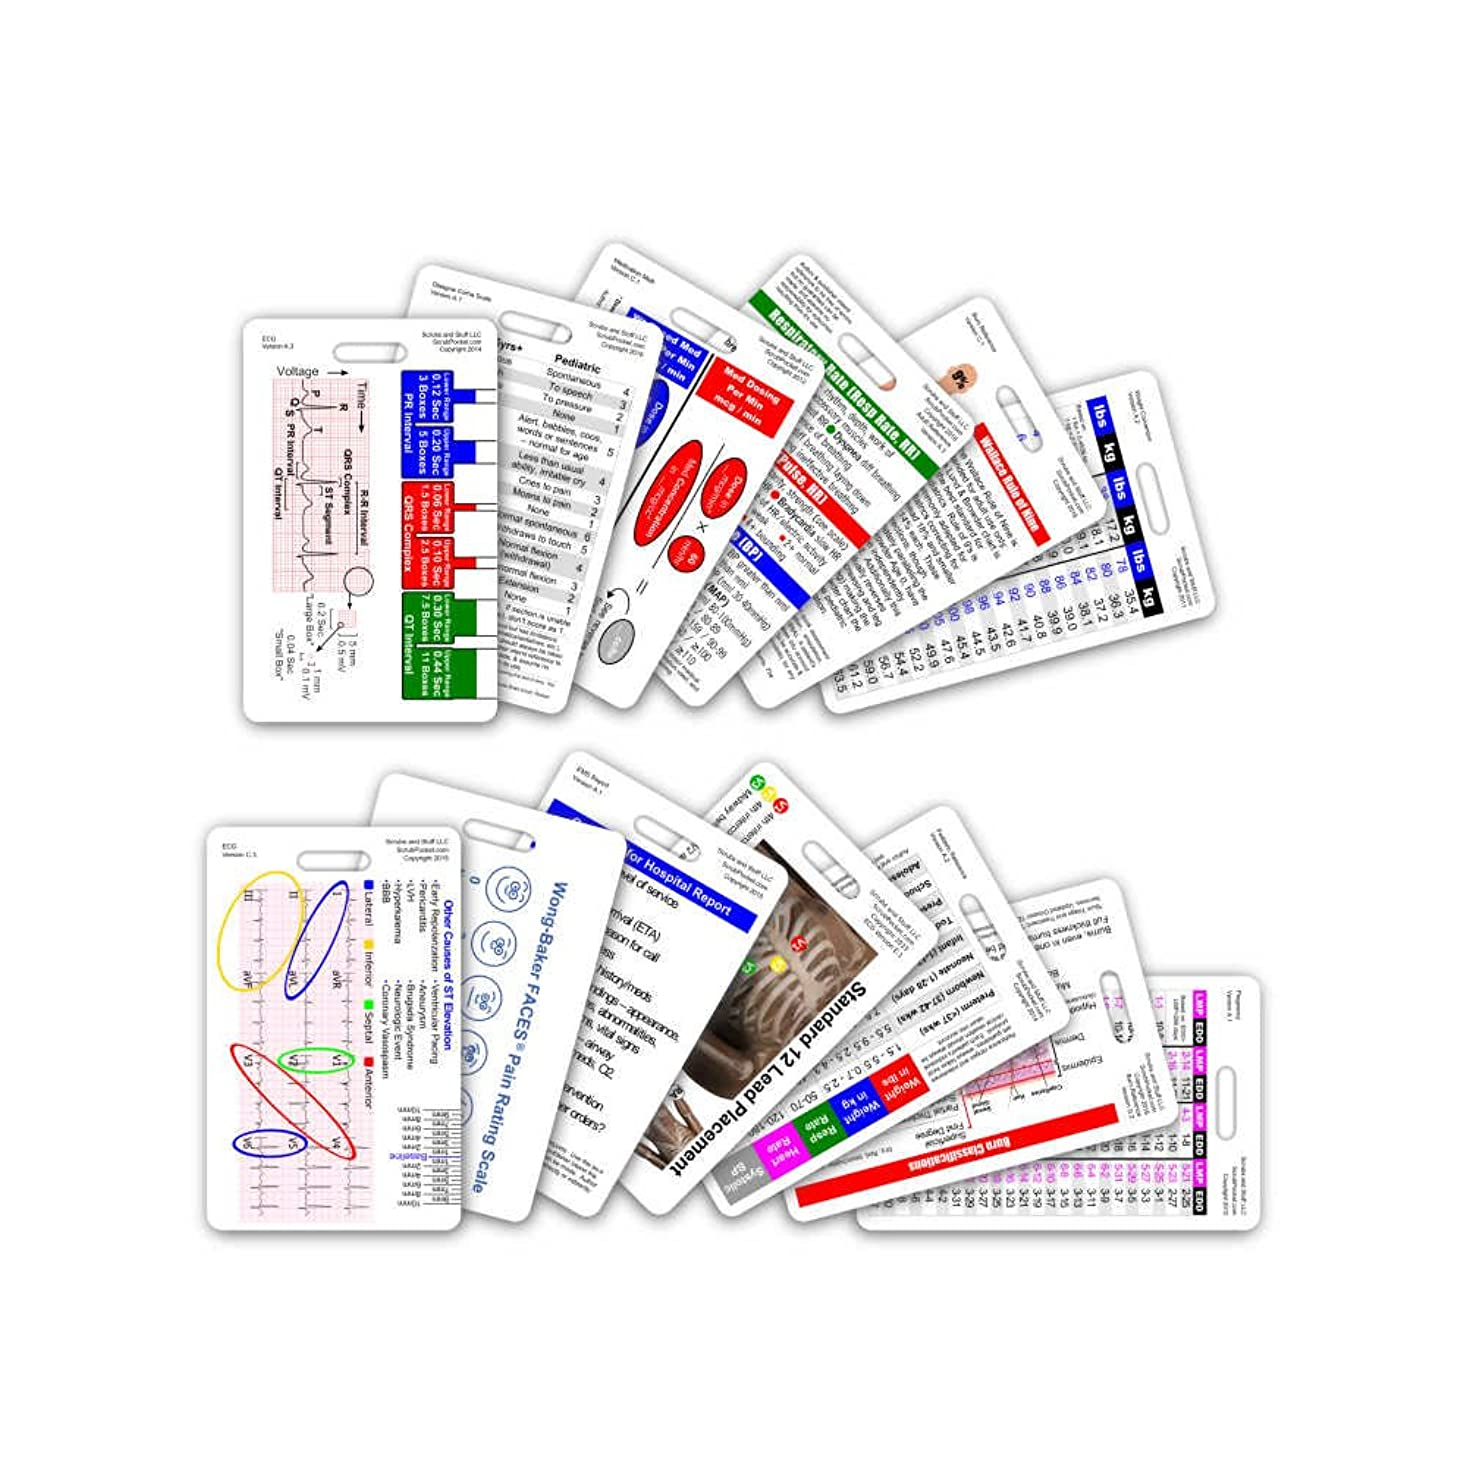 ただやる頑丈倫理的Complete EMS Vertical Badge Card Set - 12 Cards by Scrubs and Stuff LLC